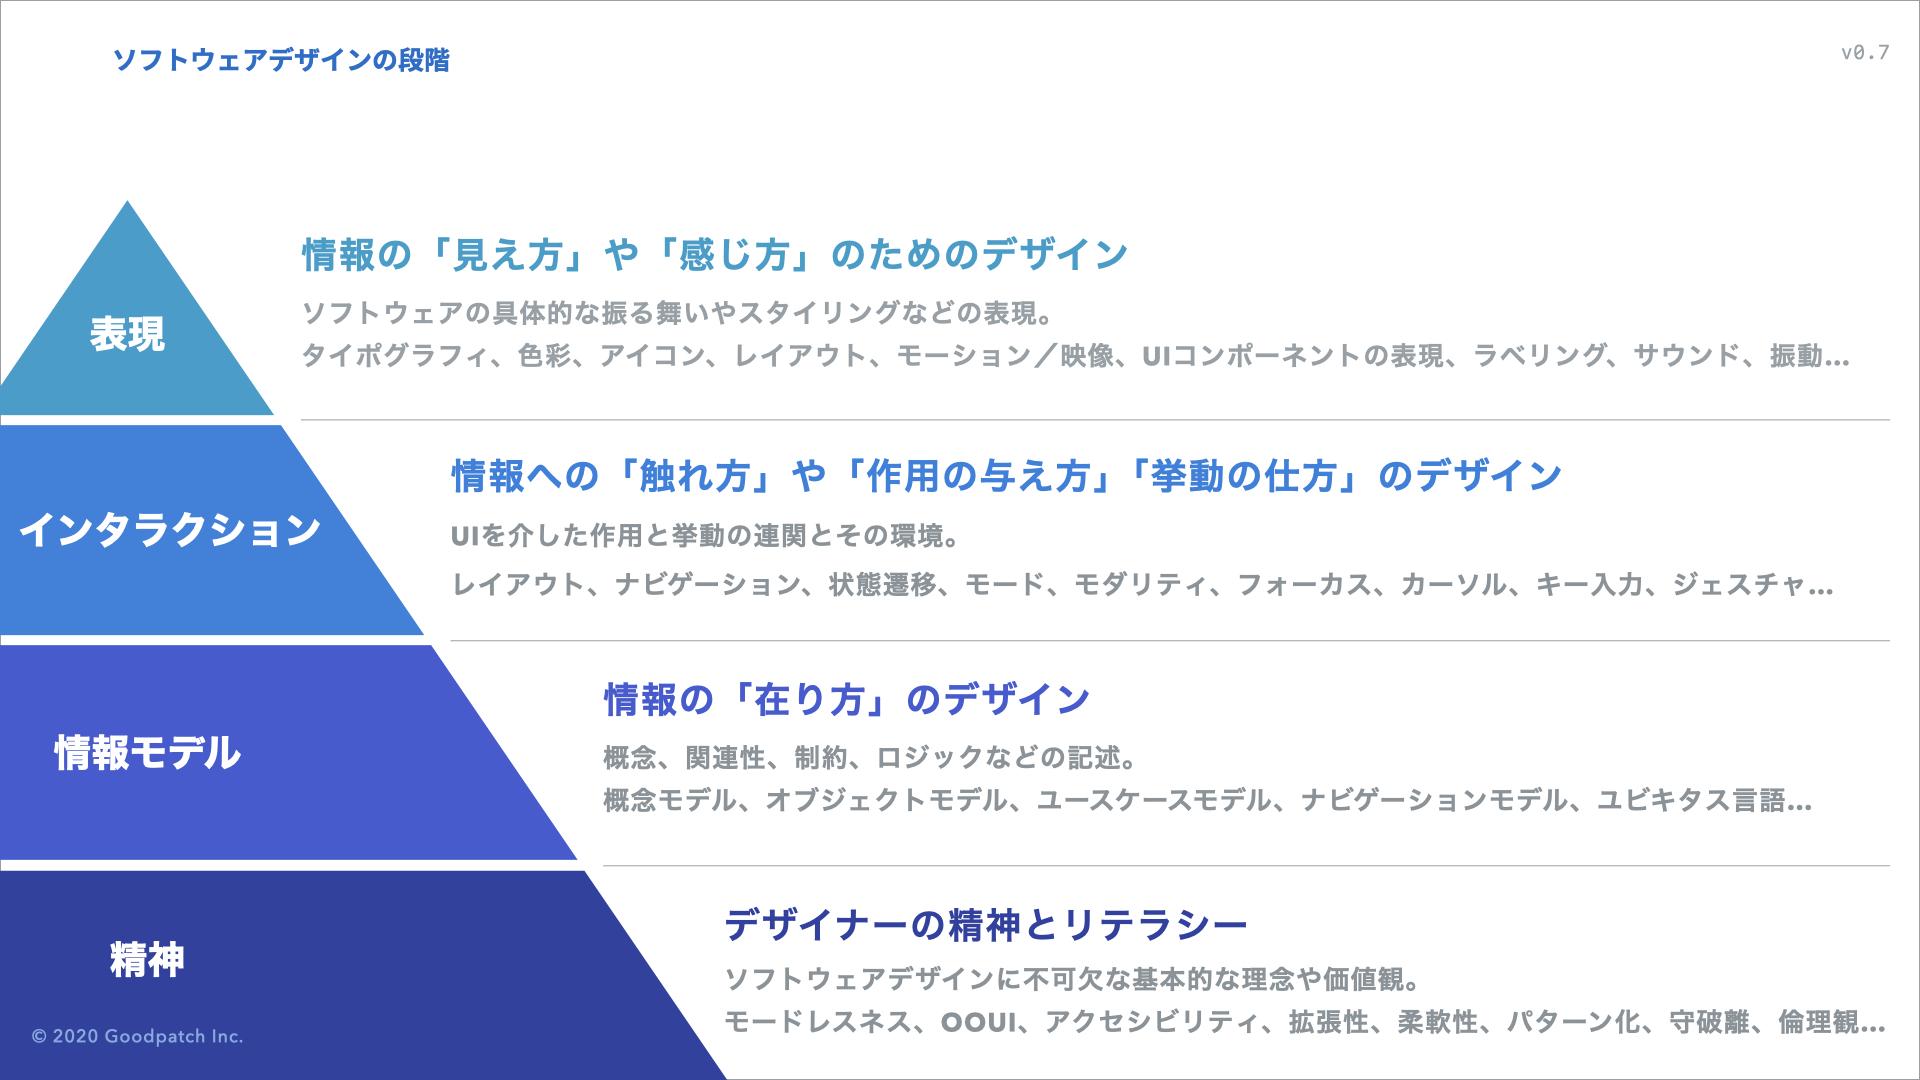 ソフトウェアデザインの3段階+1